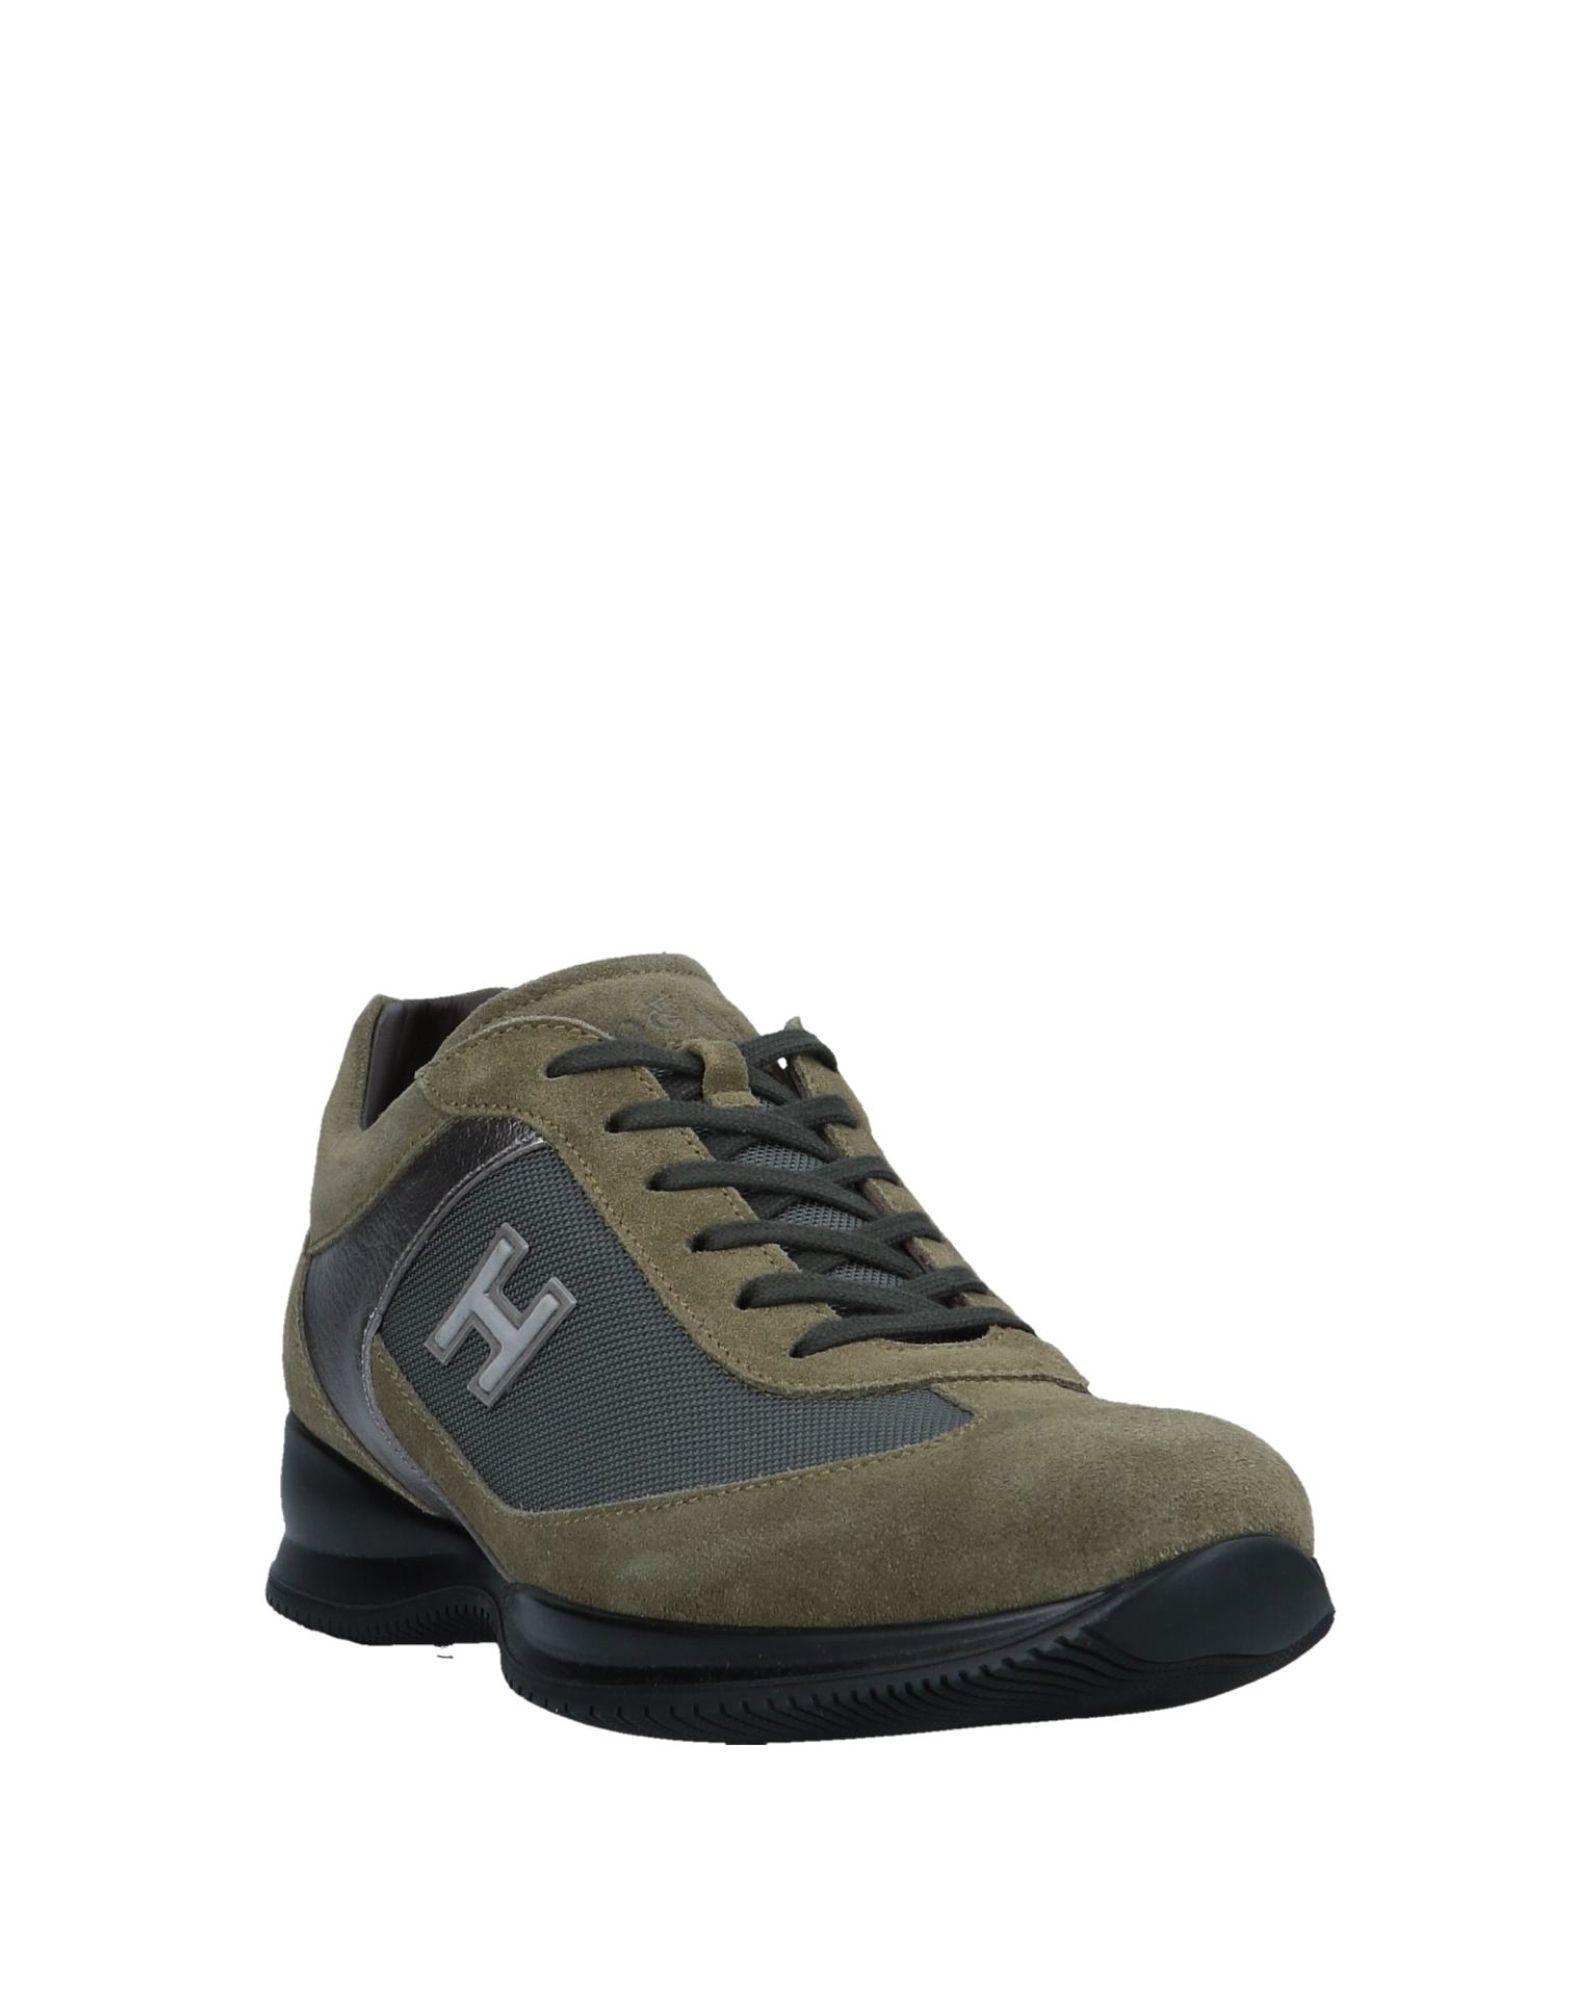 Hogan Sneakers Herren  Schuhe 11560641BA Gute Qualität beliebte Schuhe  c142e6